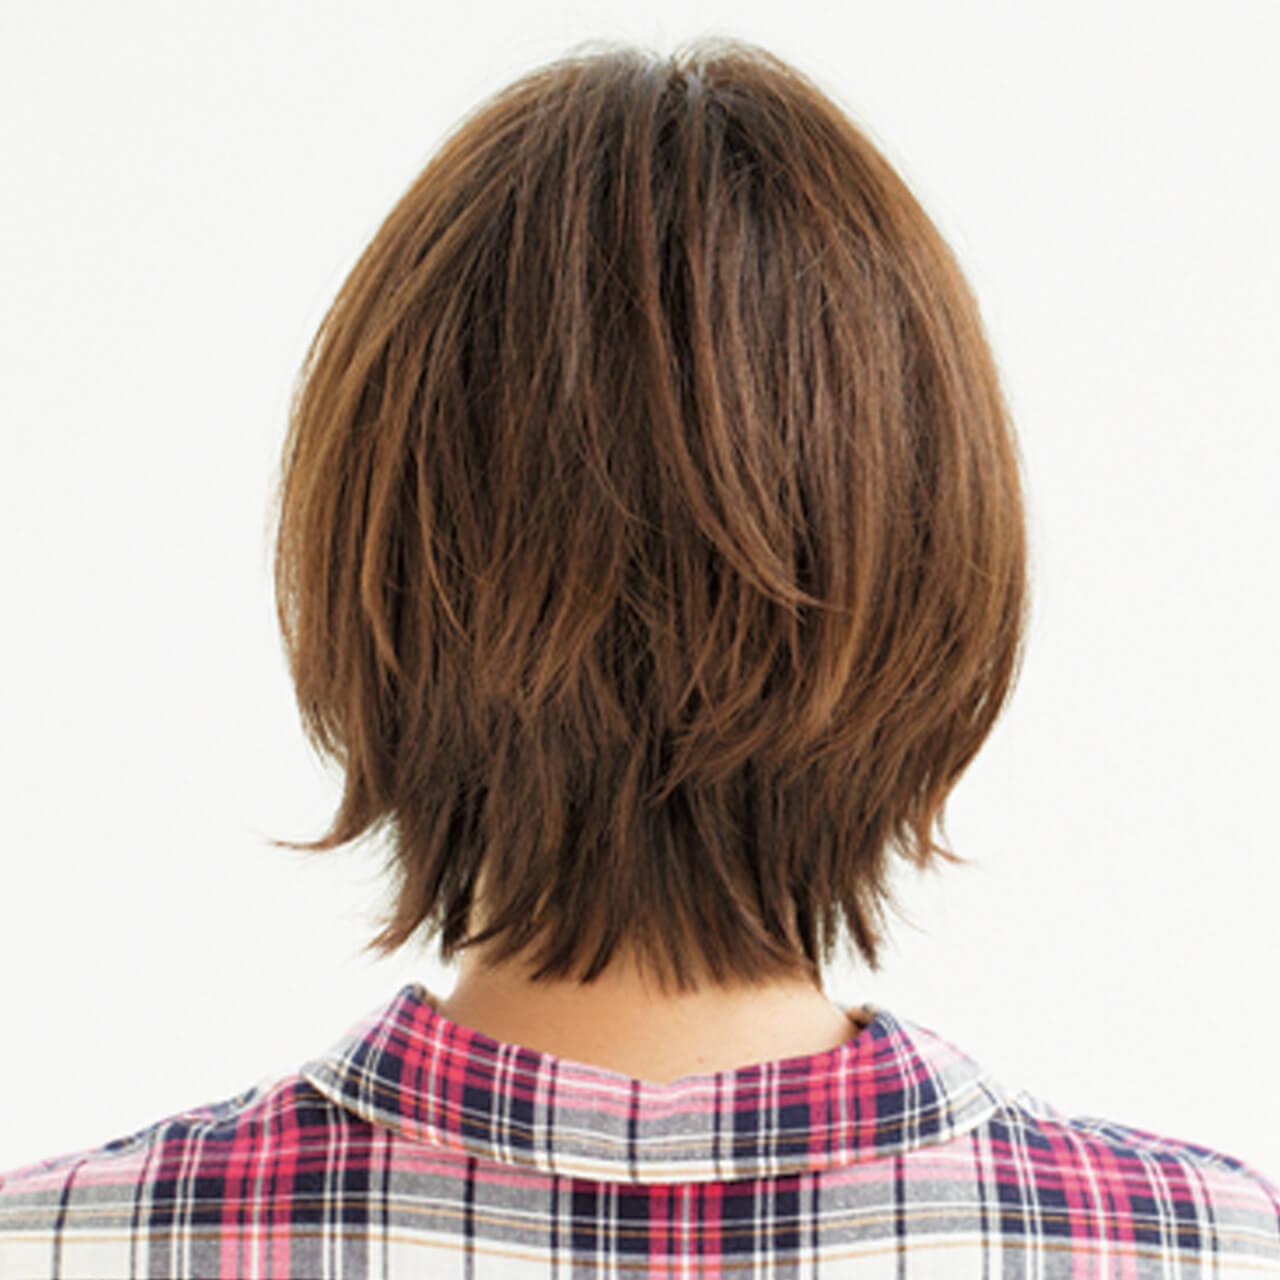 前髪ぱっくり問題はこれで解決! 小顔効果も抜群の印象ショート【40代のショートヘア】_1_3